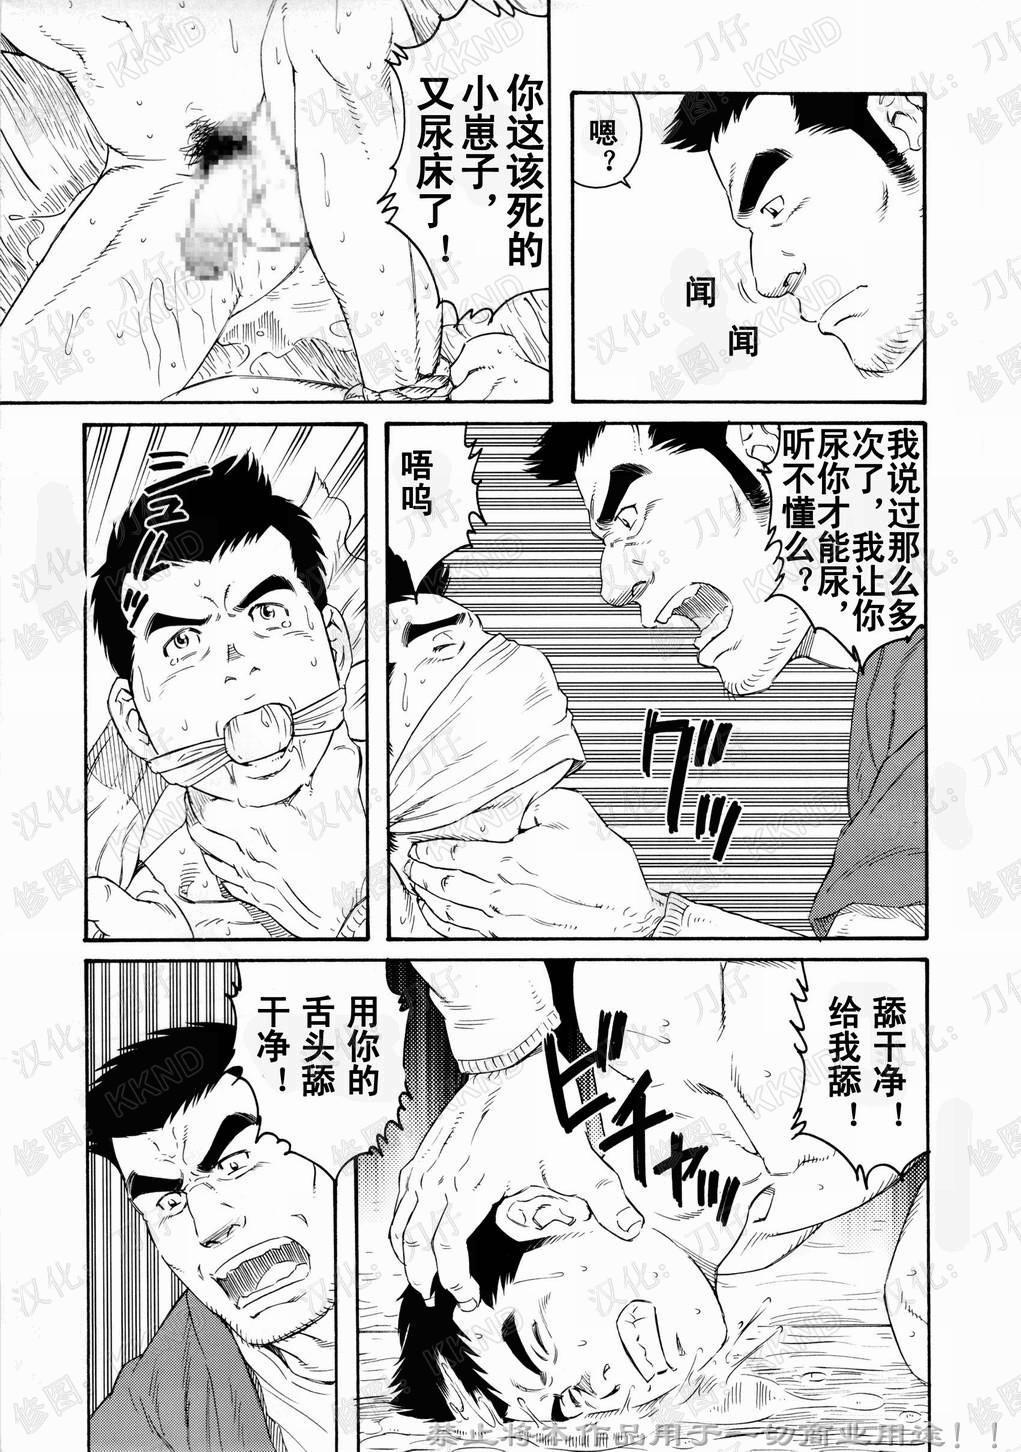 Nagamochi no Naka 4